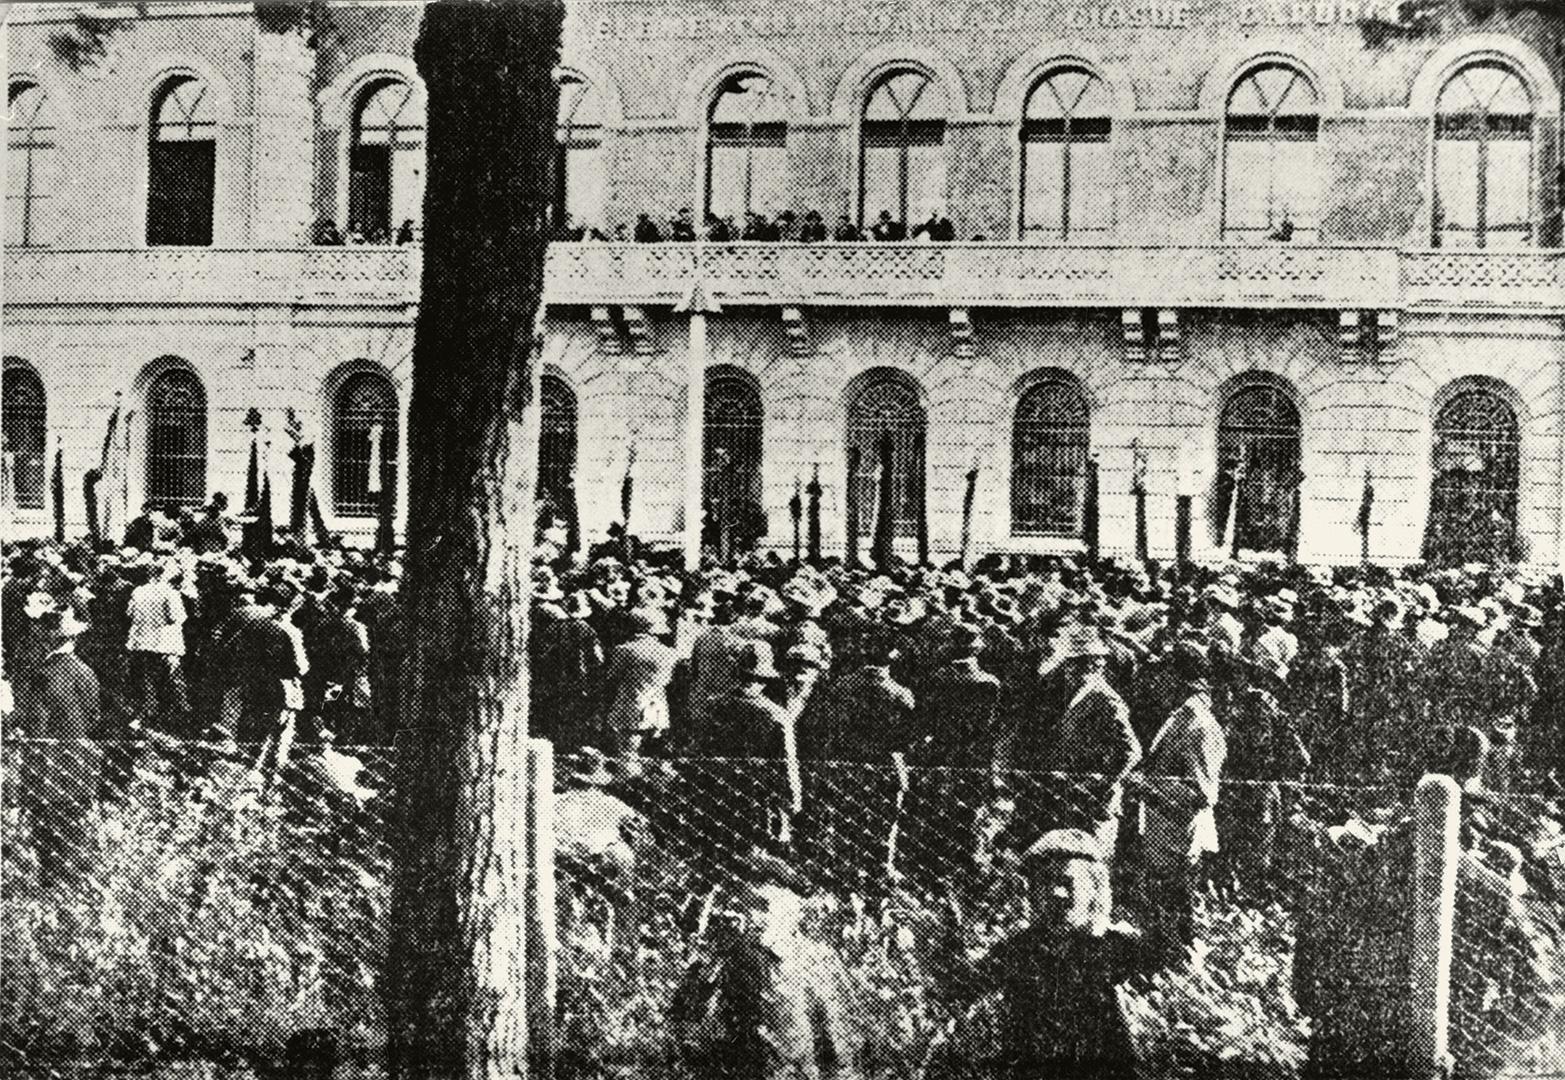 6. Imola, 1919, moti del caro vita manifestazione esterno delle scuole Carducci 3 luglio 1919 (Archivio Cidra)